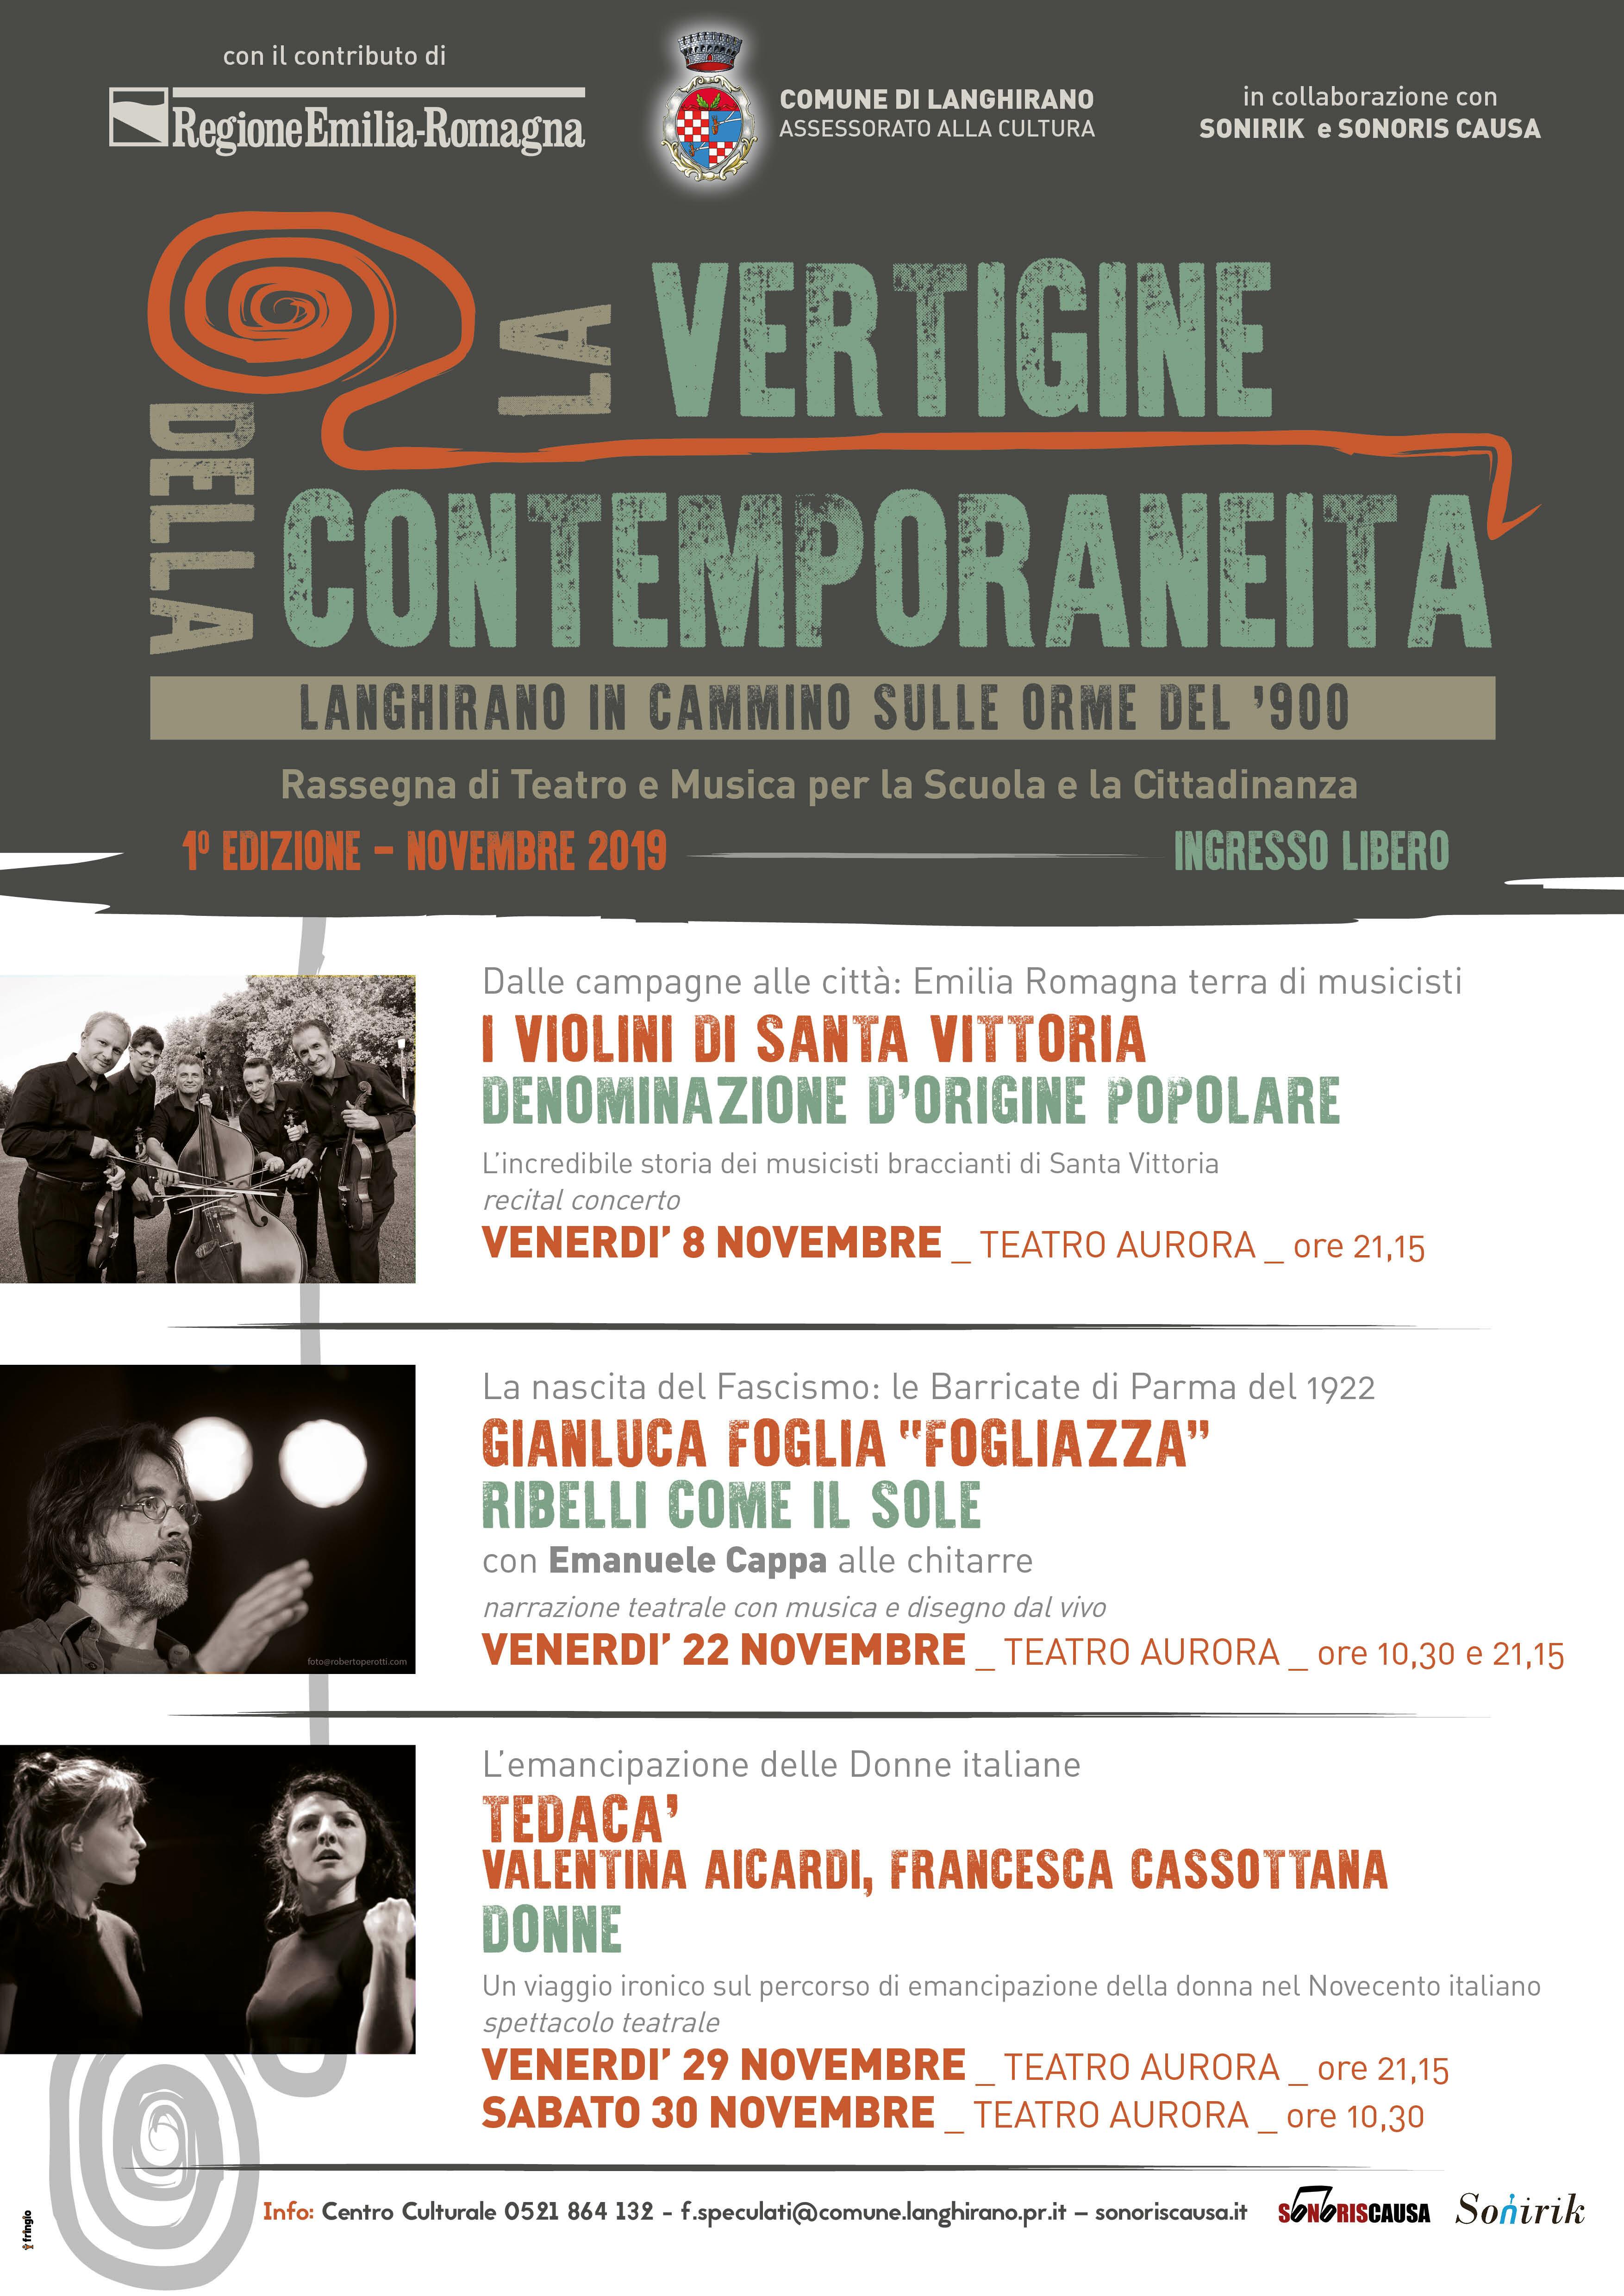 La vertigine della contemporaneità – Langhirano in cammino sulle orme del '900, rassegna di teatro e musica